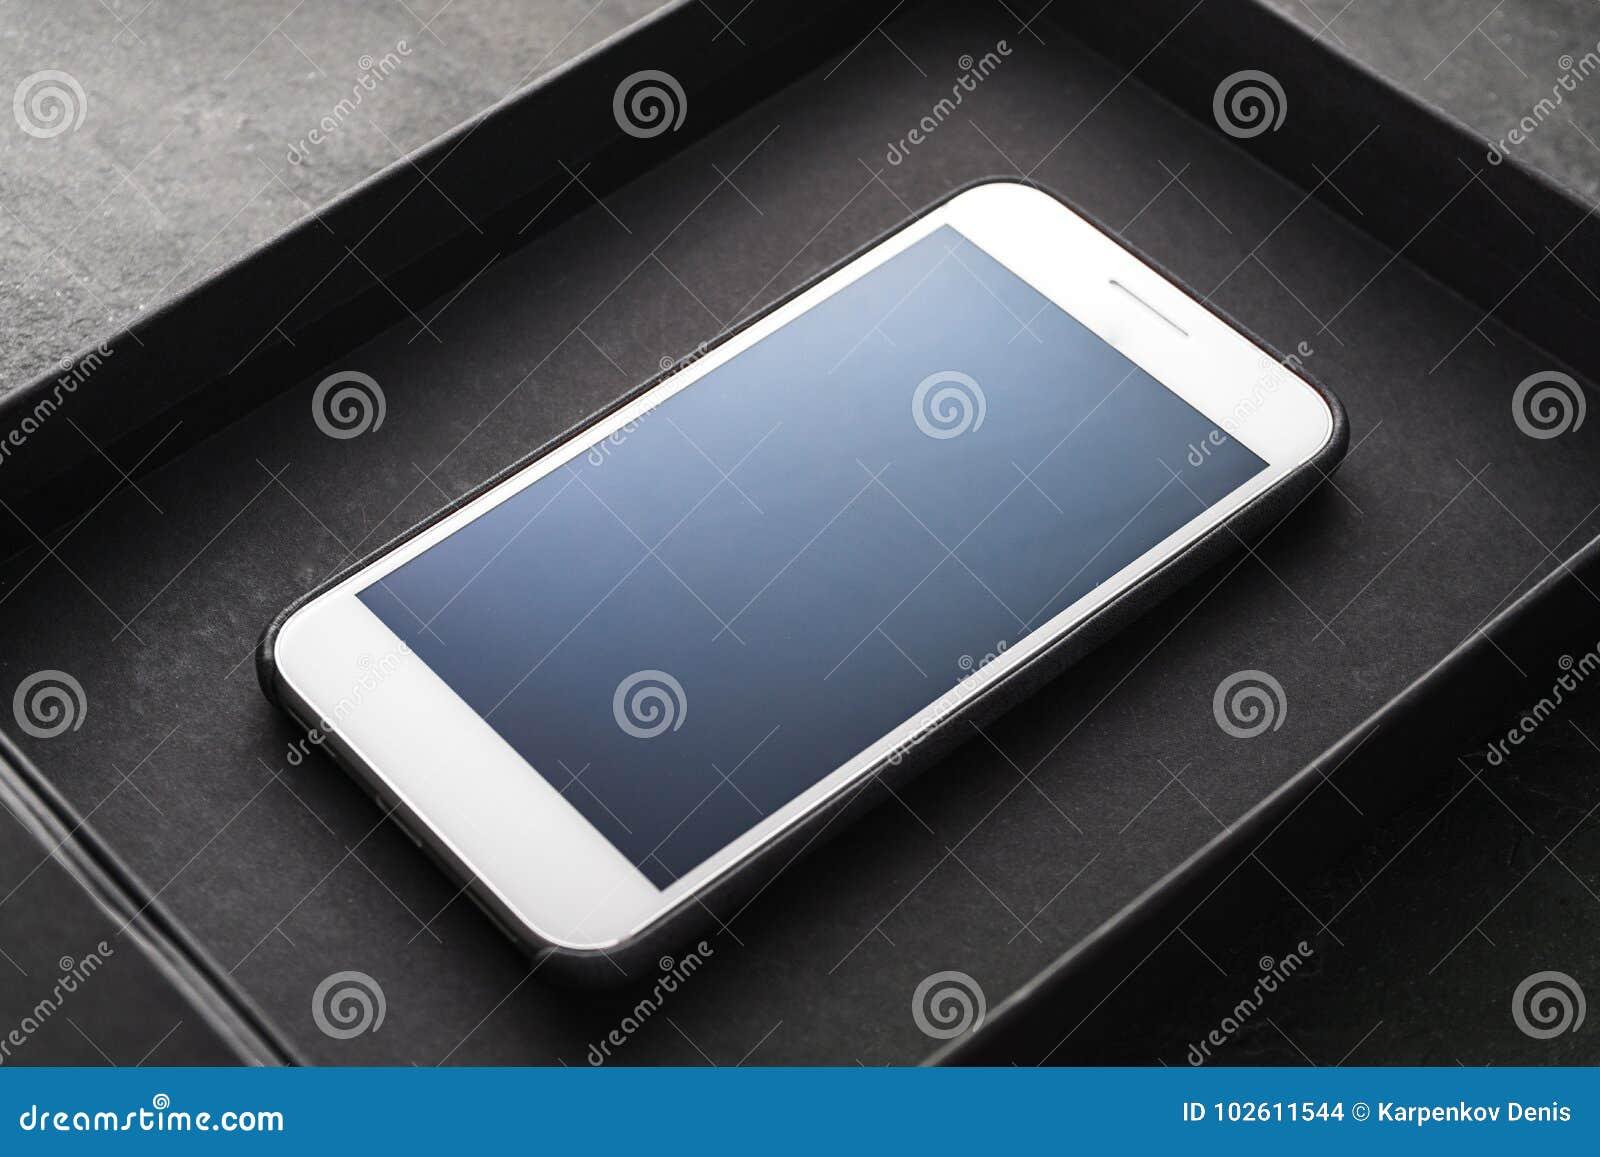 Black Friday, un nouveau téléphone dans une diagonale de boîte noire